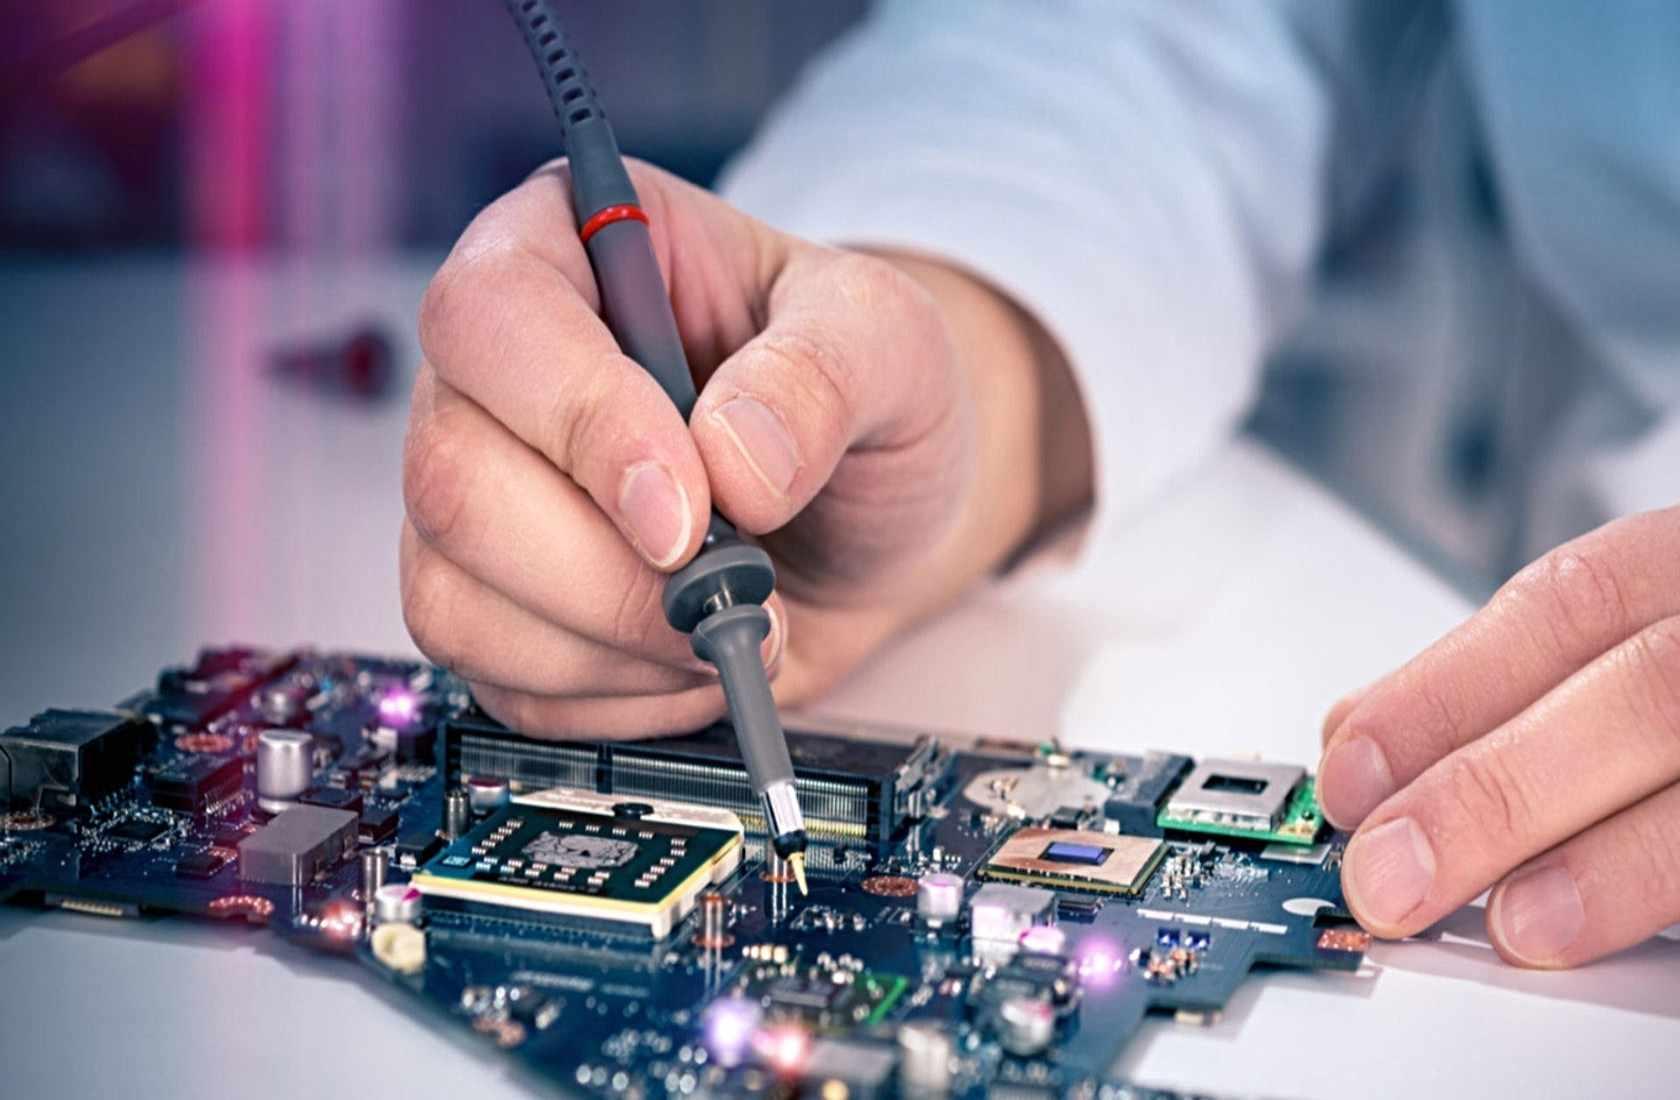 Эта работа требует точности, скрупулезности, ответственности и знания новых модификаций техники